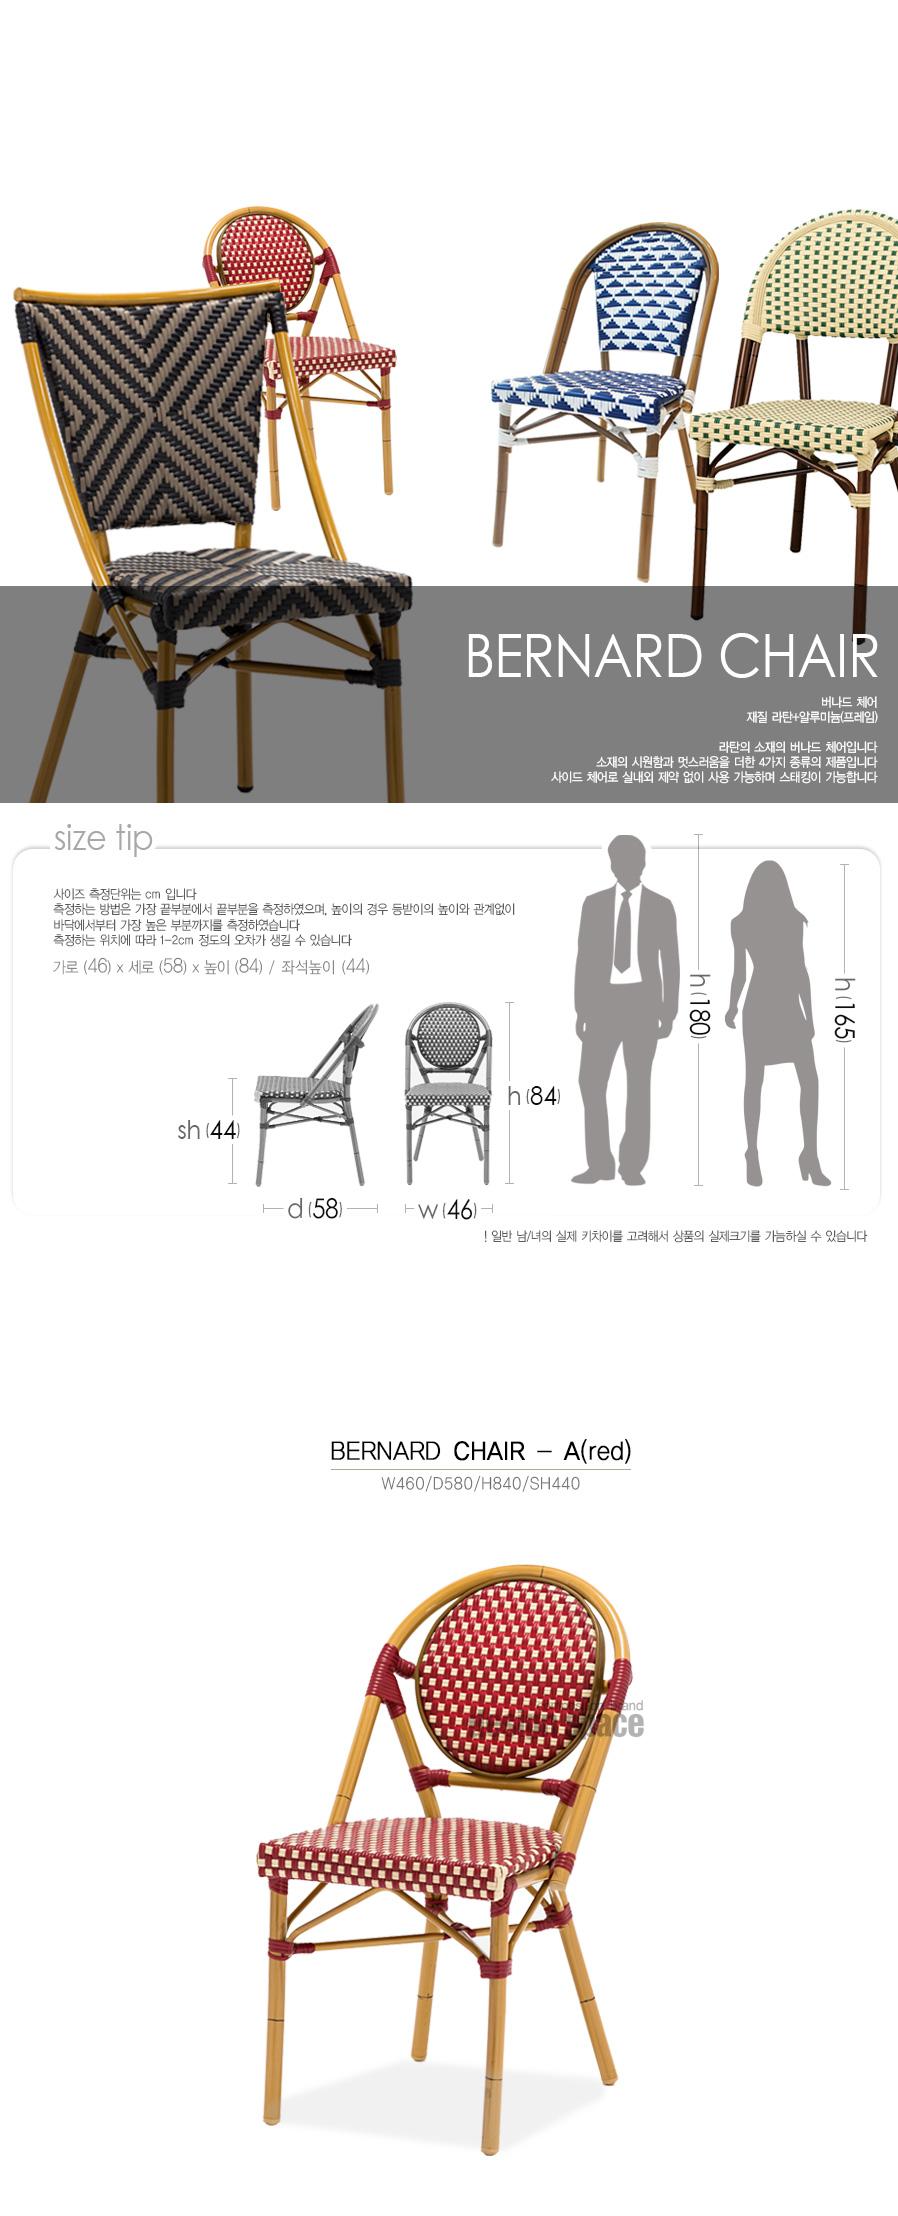 bernad-chair_01.jpg